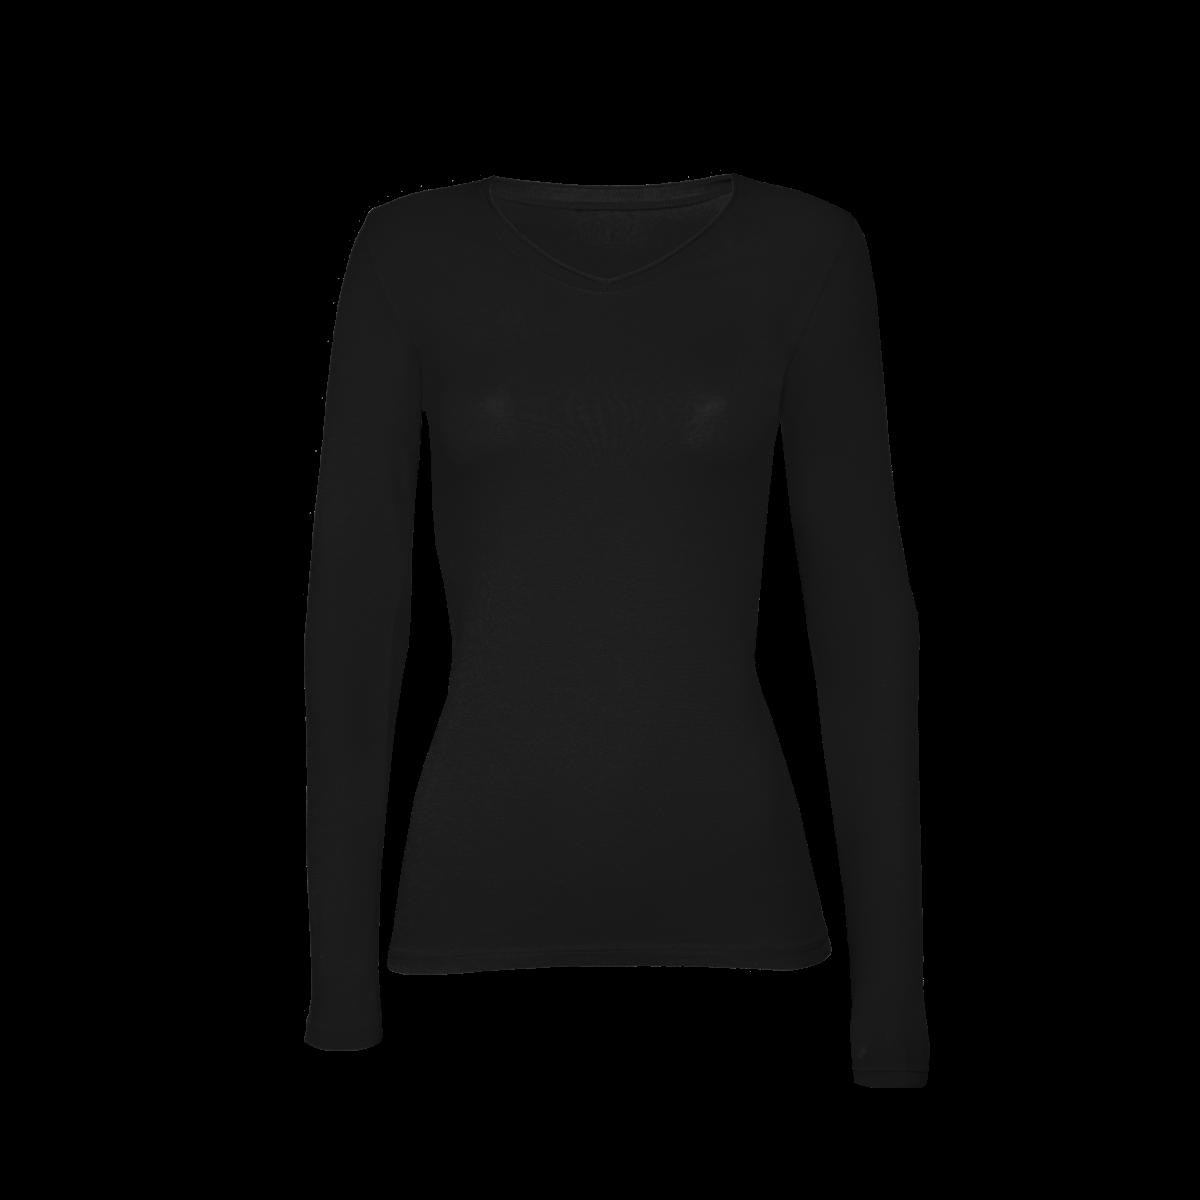 Ženska majica, črna